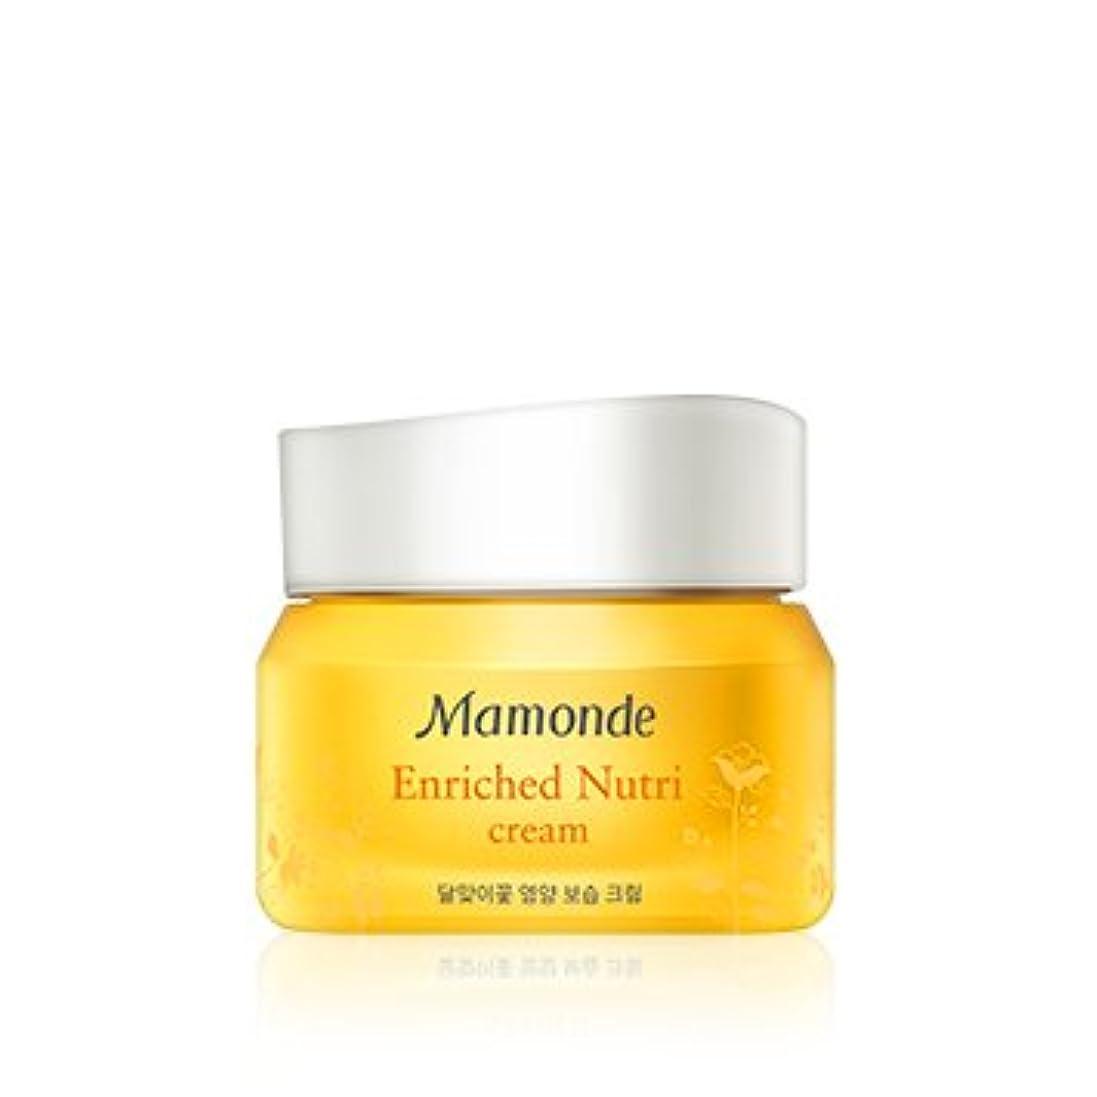 障害量札入れ[New] Mamonde Enriched Nutri Cream 50ml/マモンド エンリッチド ニュートリ クリーム 50ml [並行輸入品]